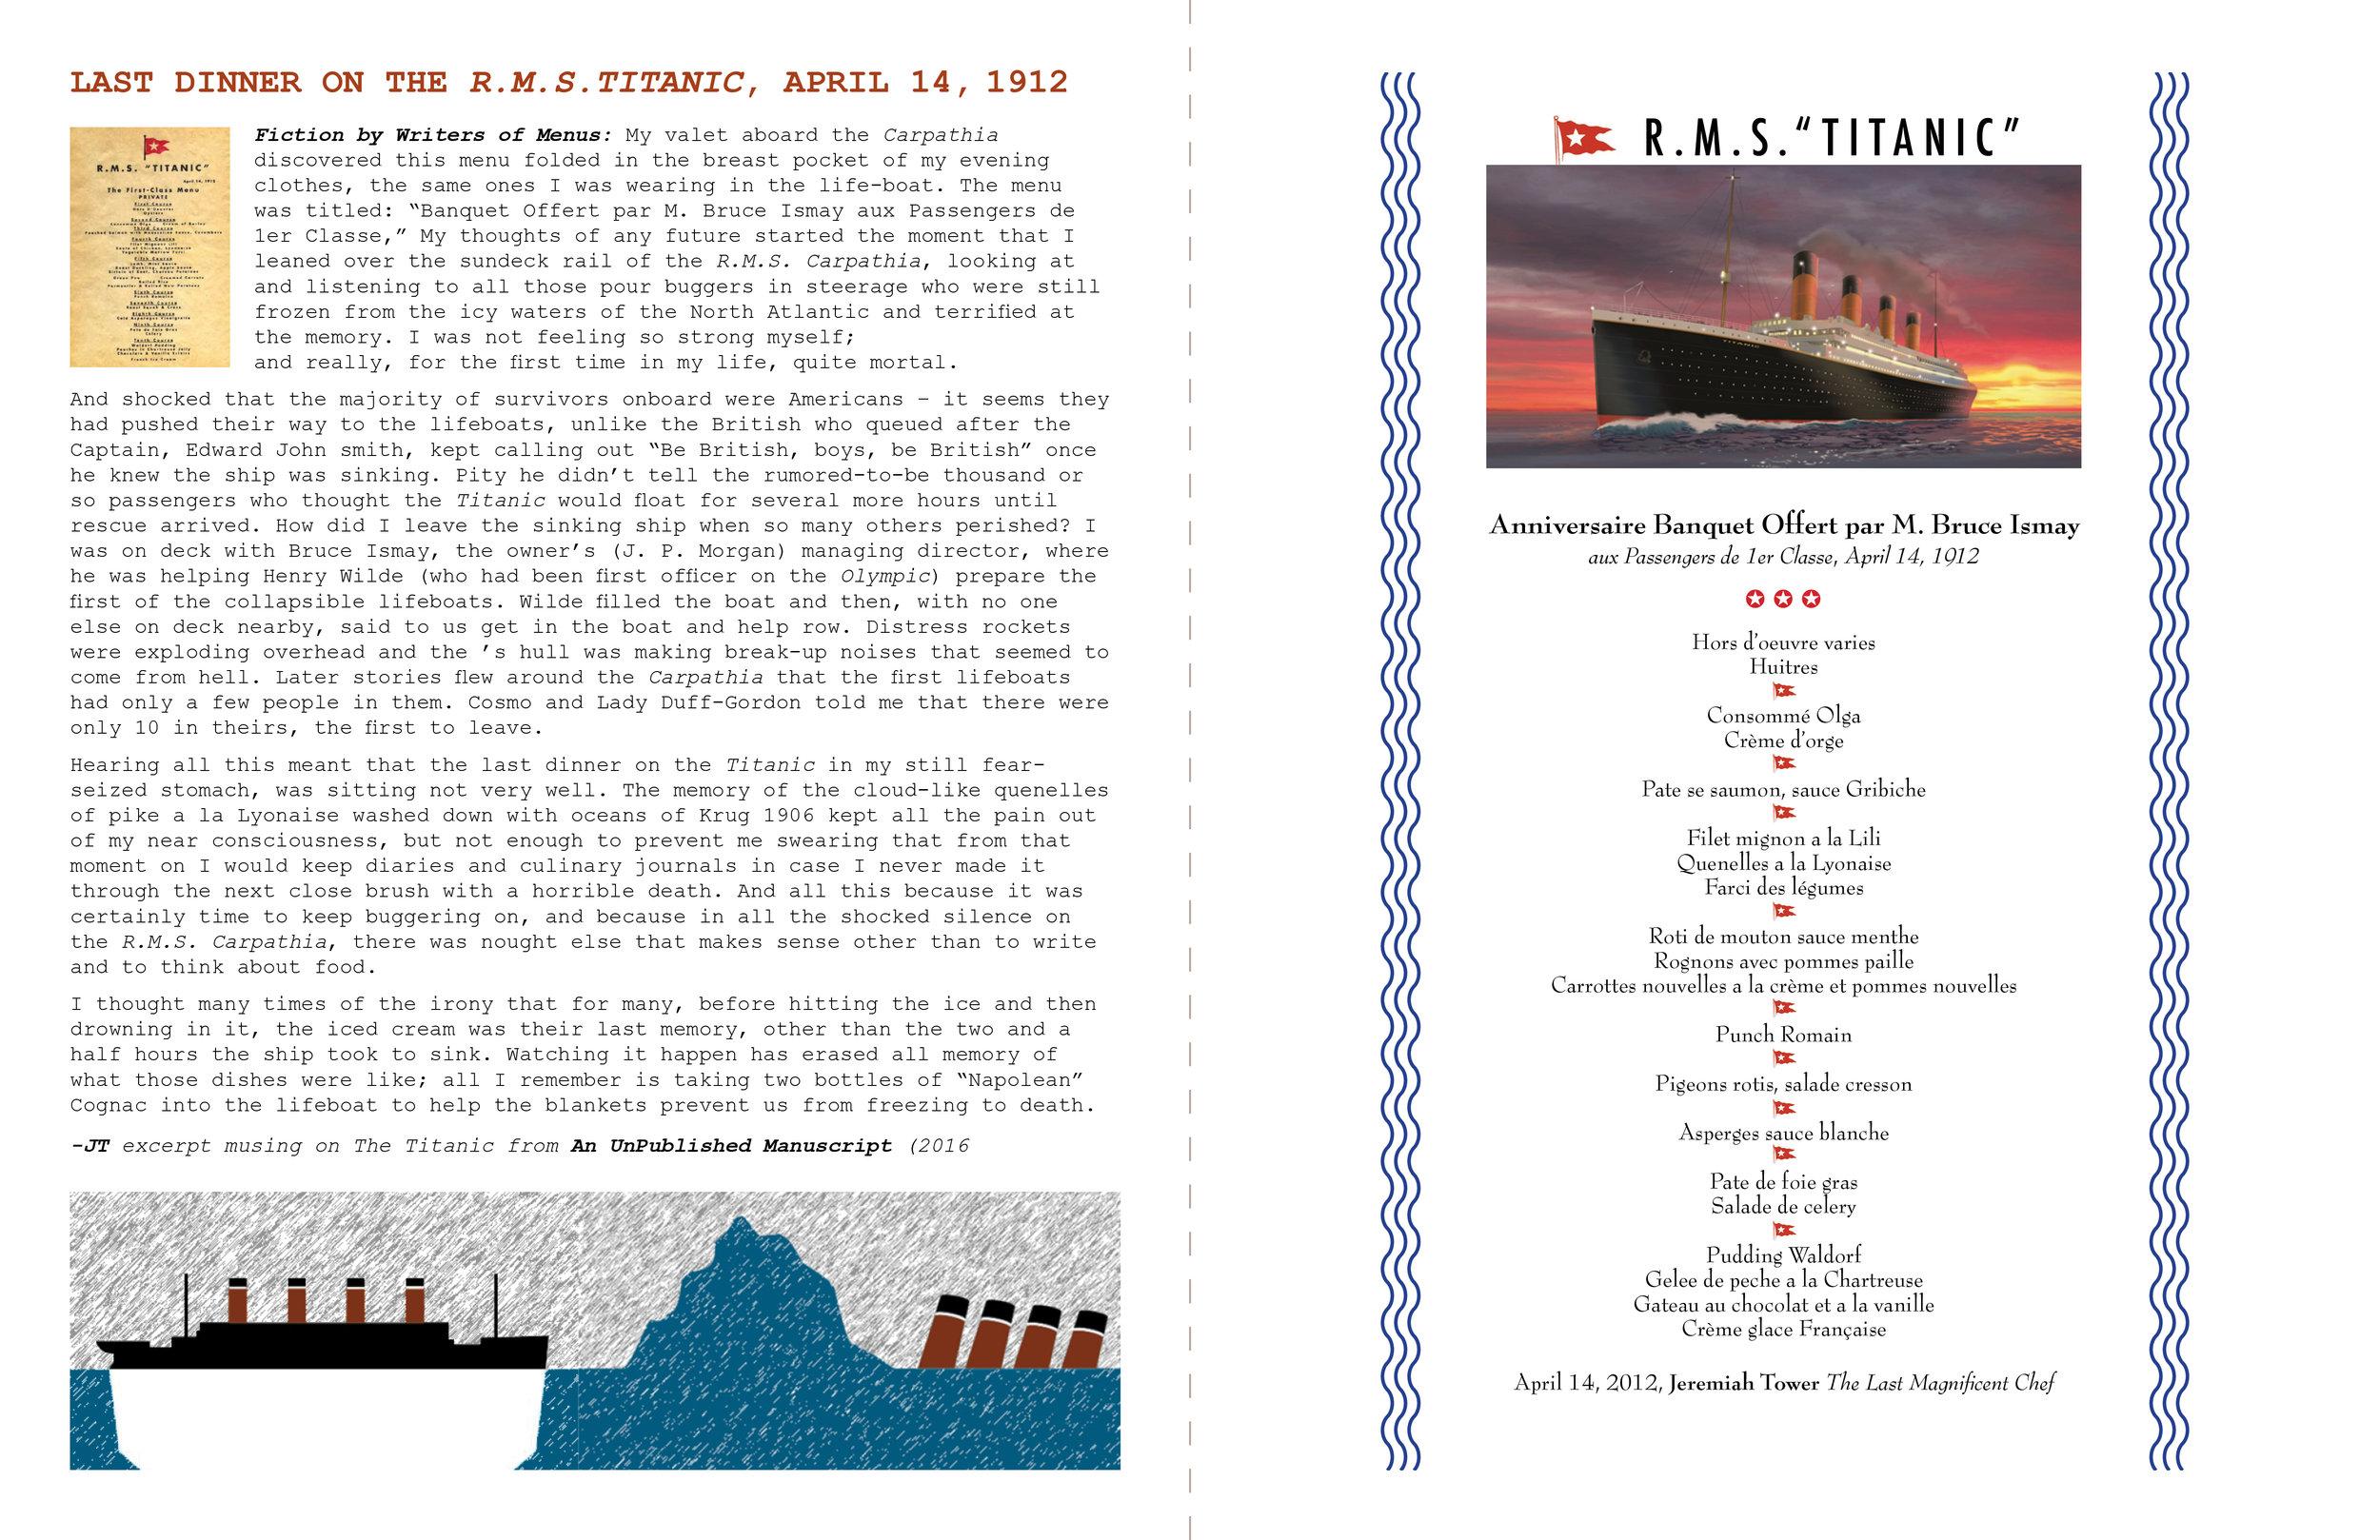 The Language of Menus: Last Dinner on the Titanic